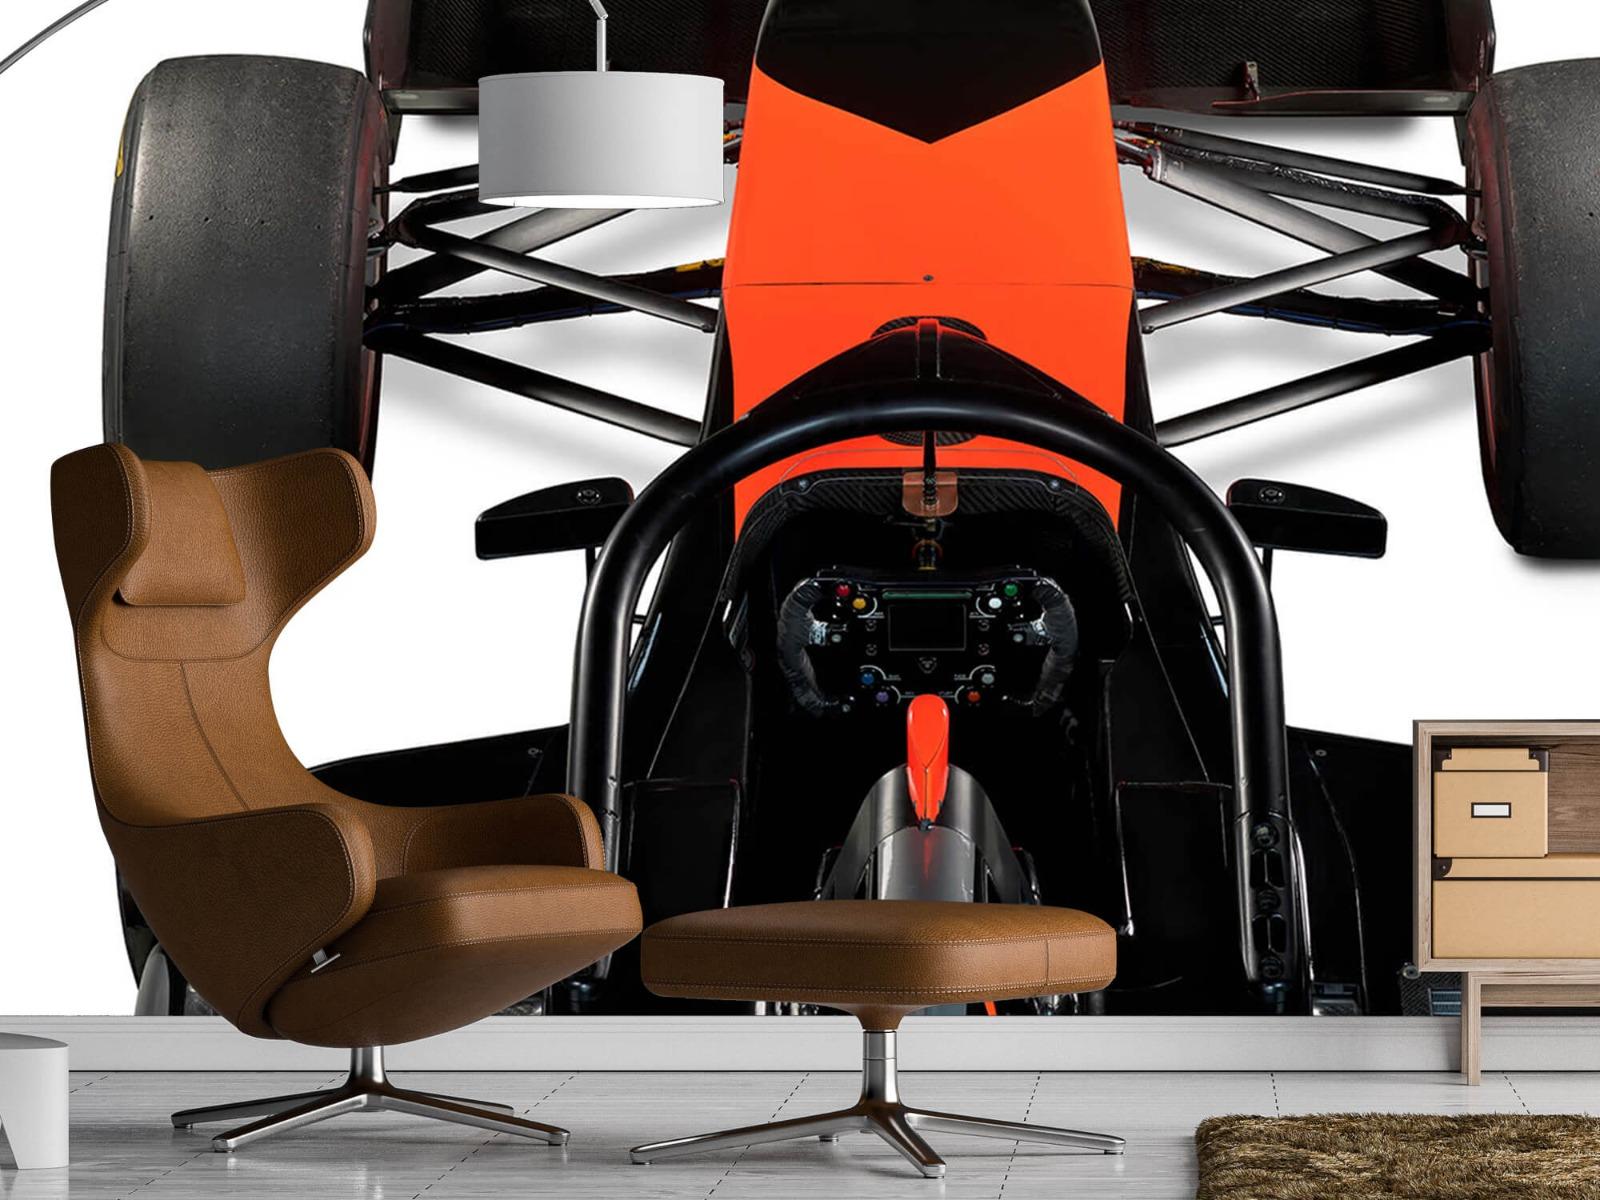 Sportauto's - Formule 3 - Cockpit view - Computerruimte 19